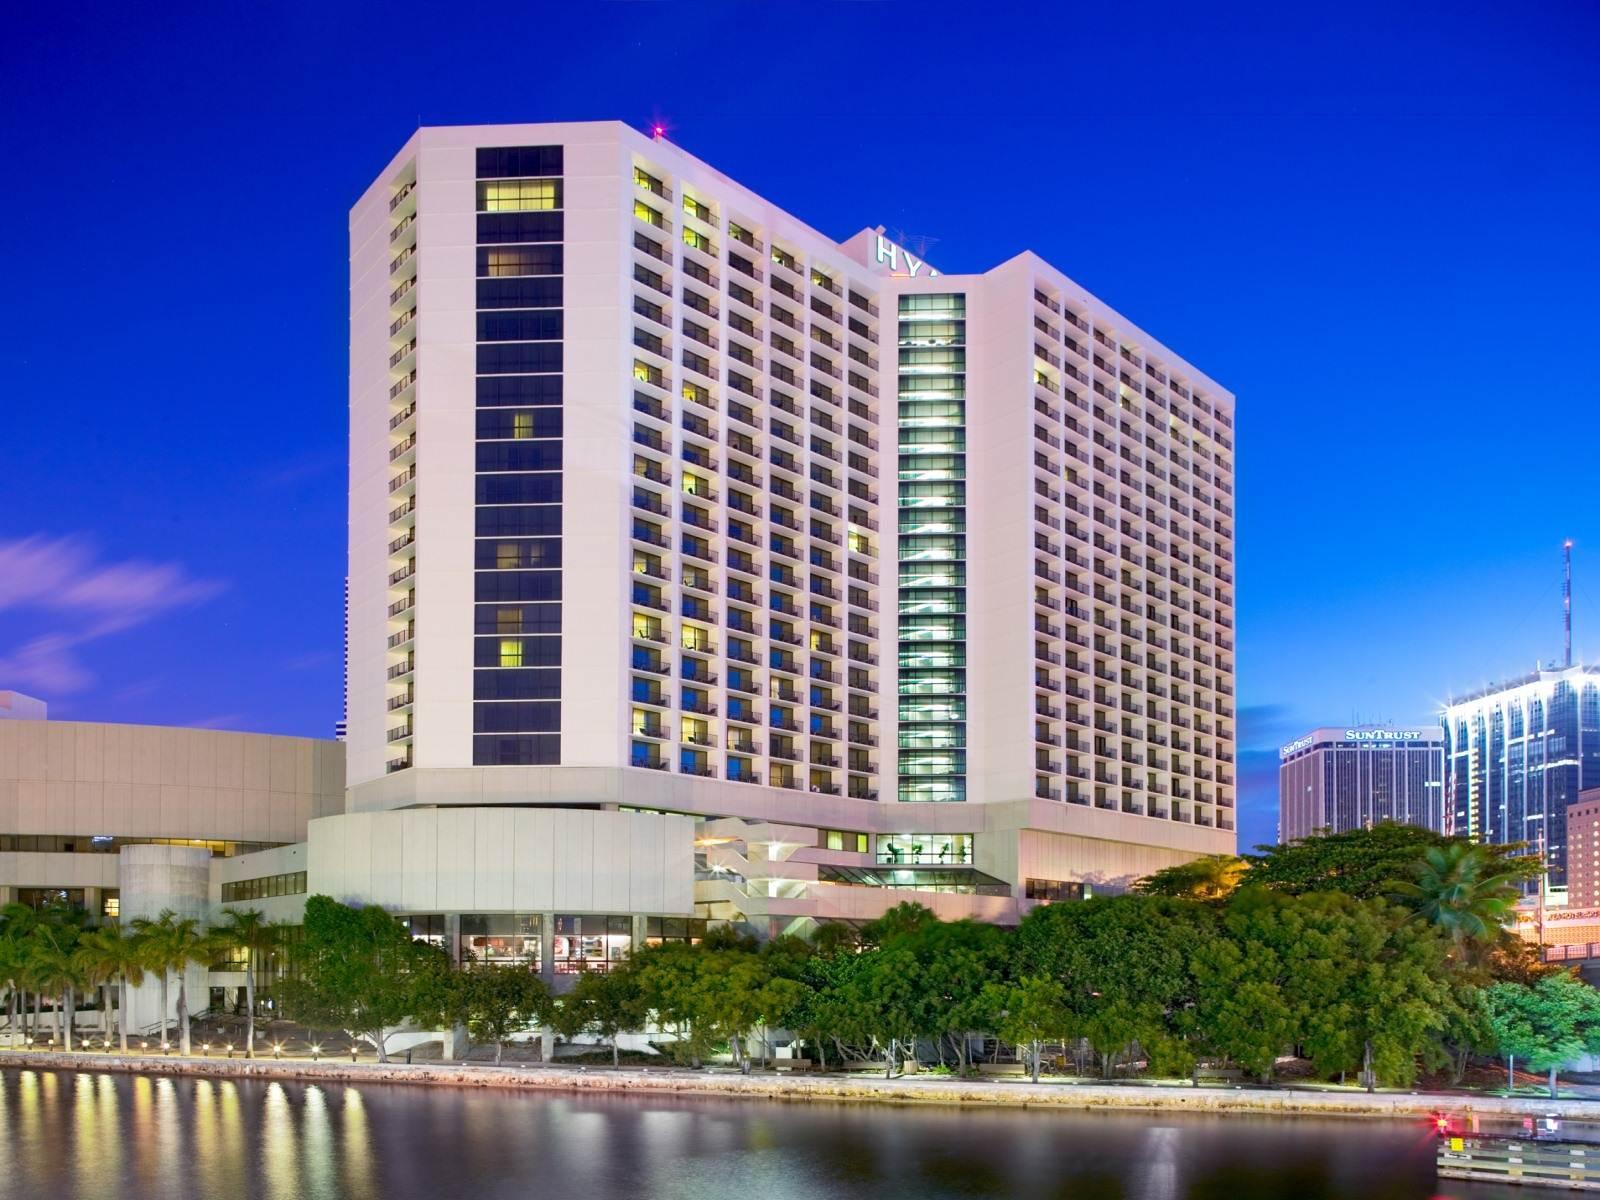 Hotel Hyatt Regency Miami Florida